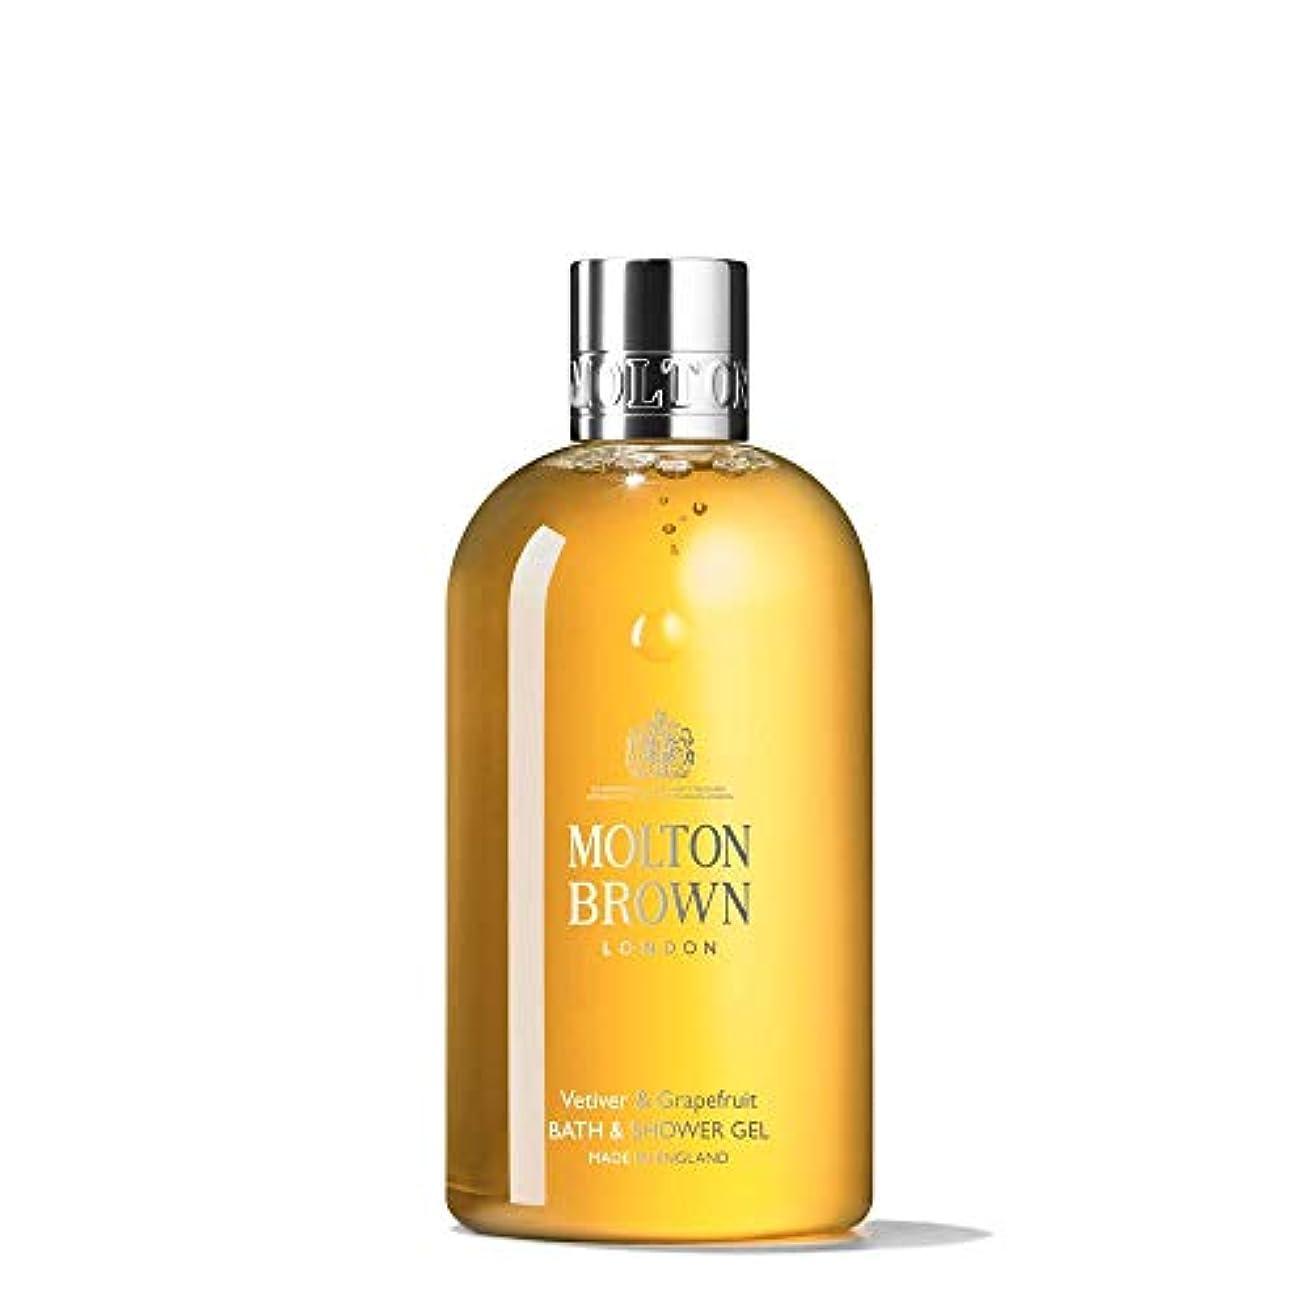 真似る流用する待ってMOLTON BROWN(モルトンブラウン) ベチバー&グレープフルーツ コレクション V&G バス&シャワージェル